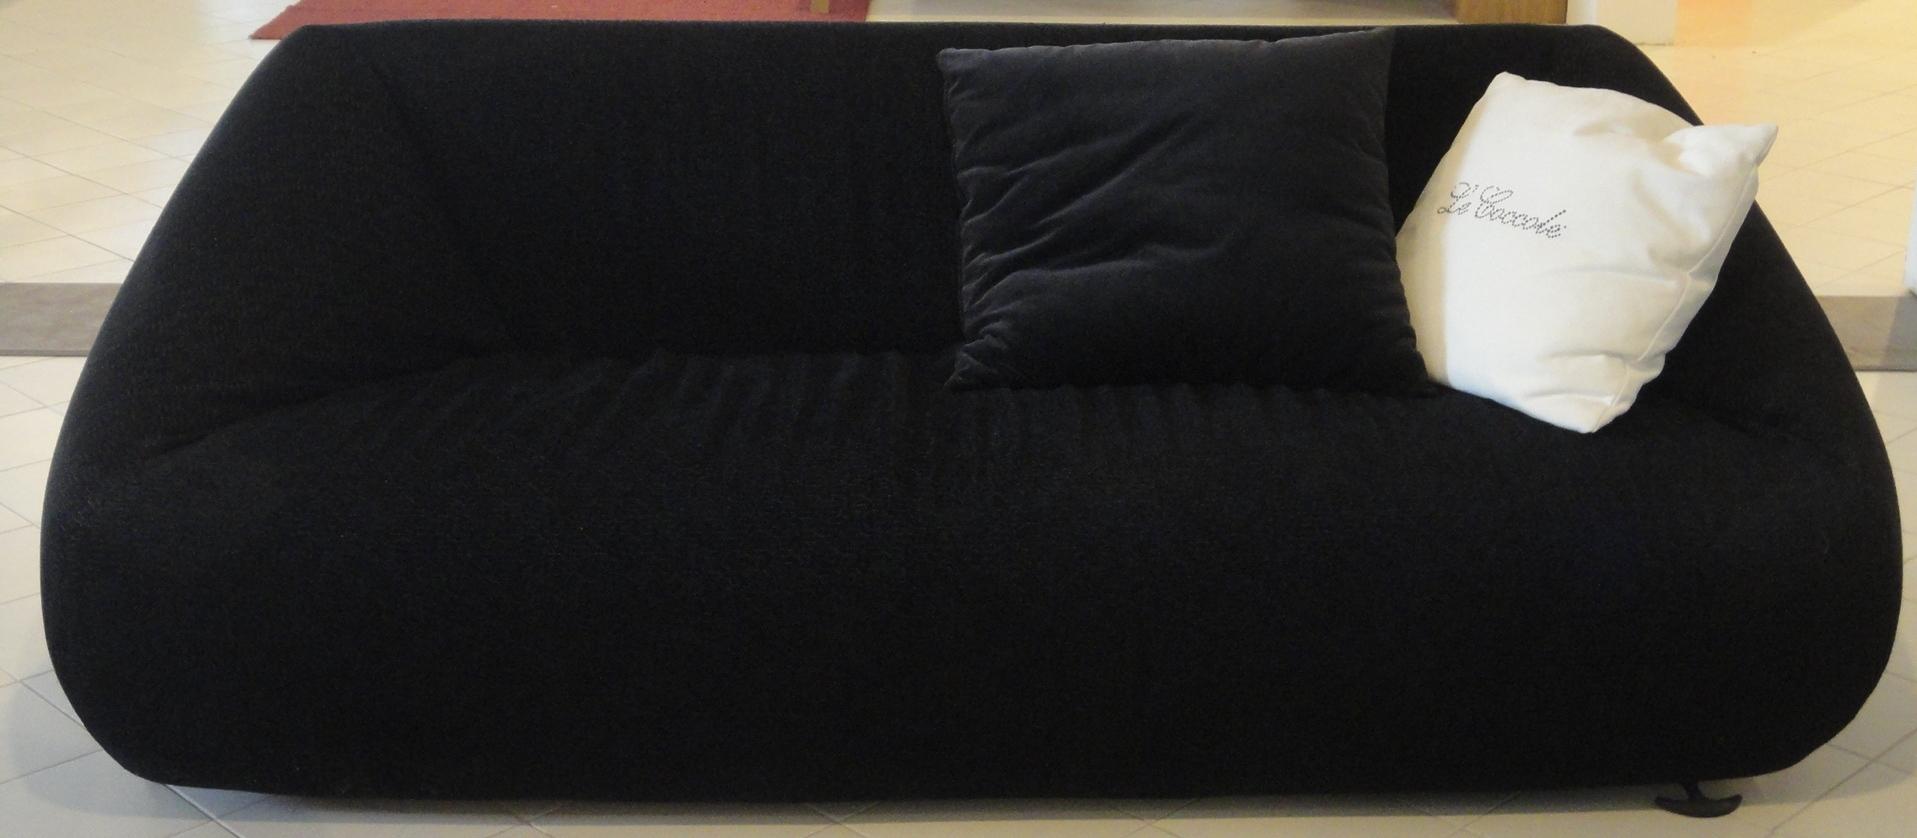 Divano mimo salotti le coccole divani lineari tessuto - Mimo divani prezzi ...